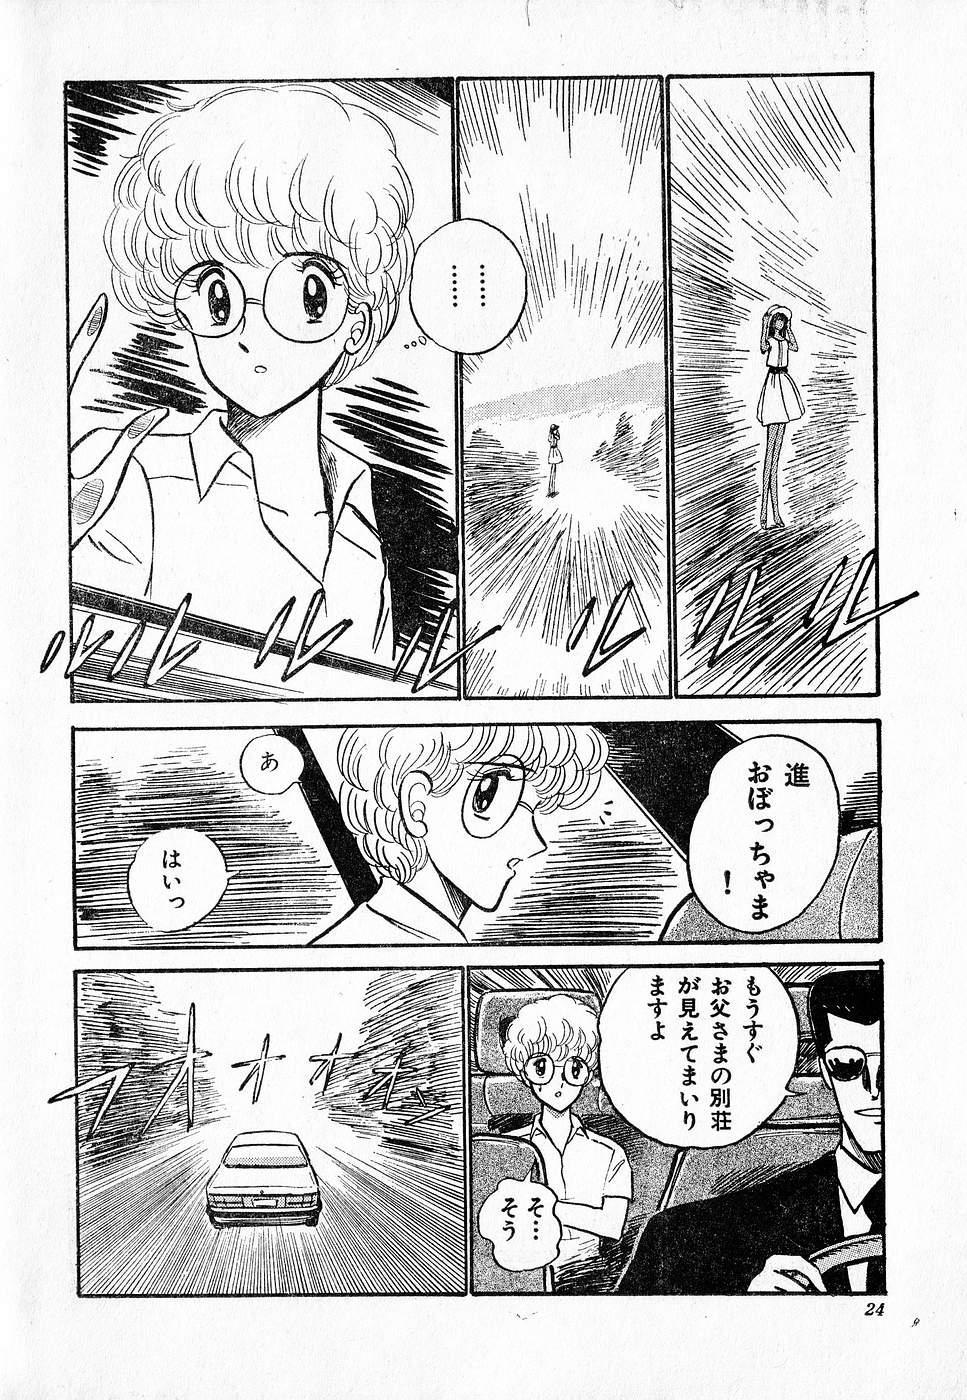 COMIC Lolipop 1985-10 Soukanjunbigou Aki 23